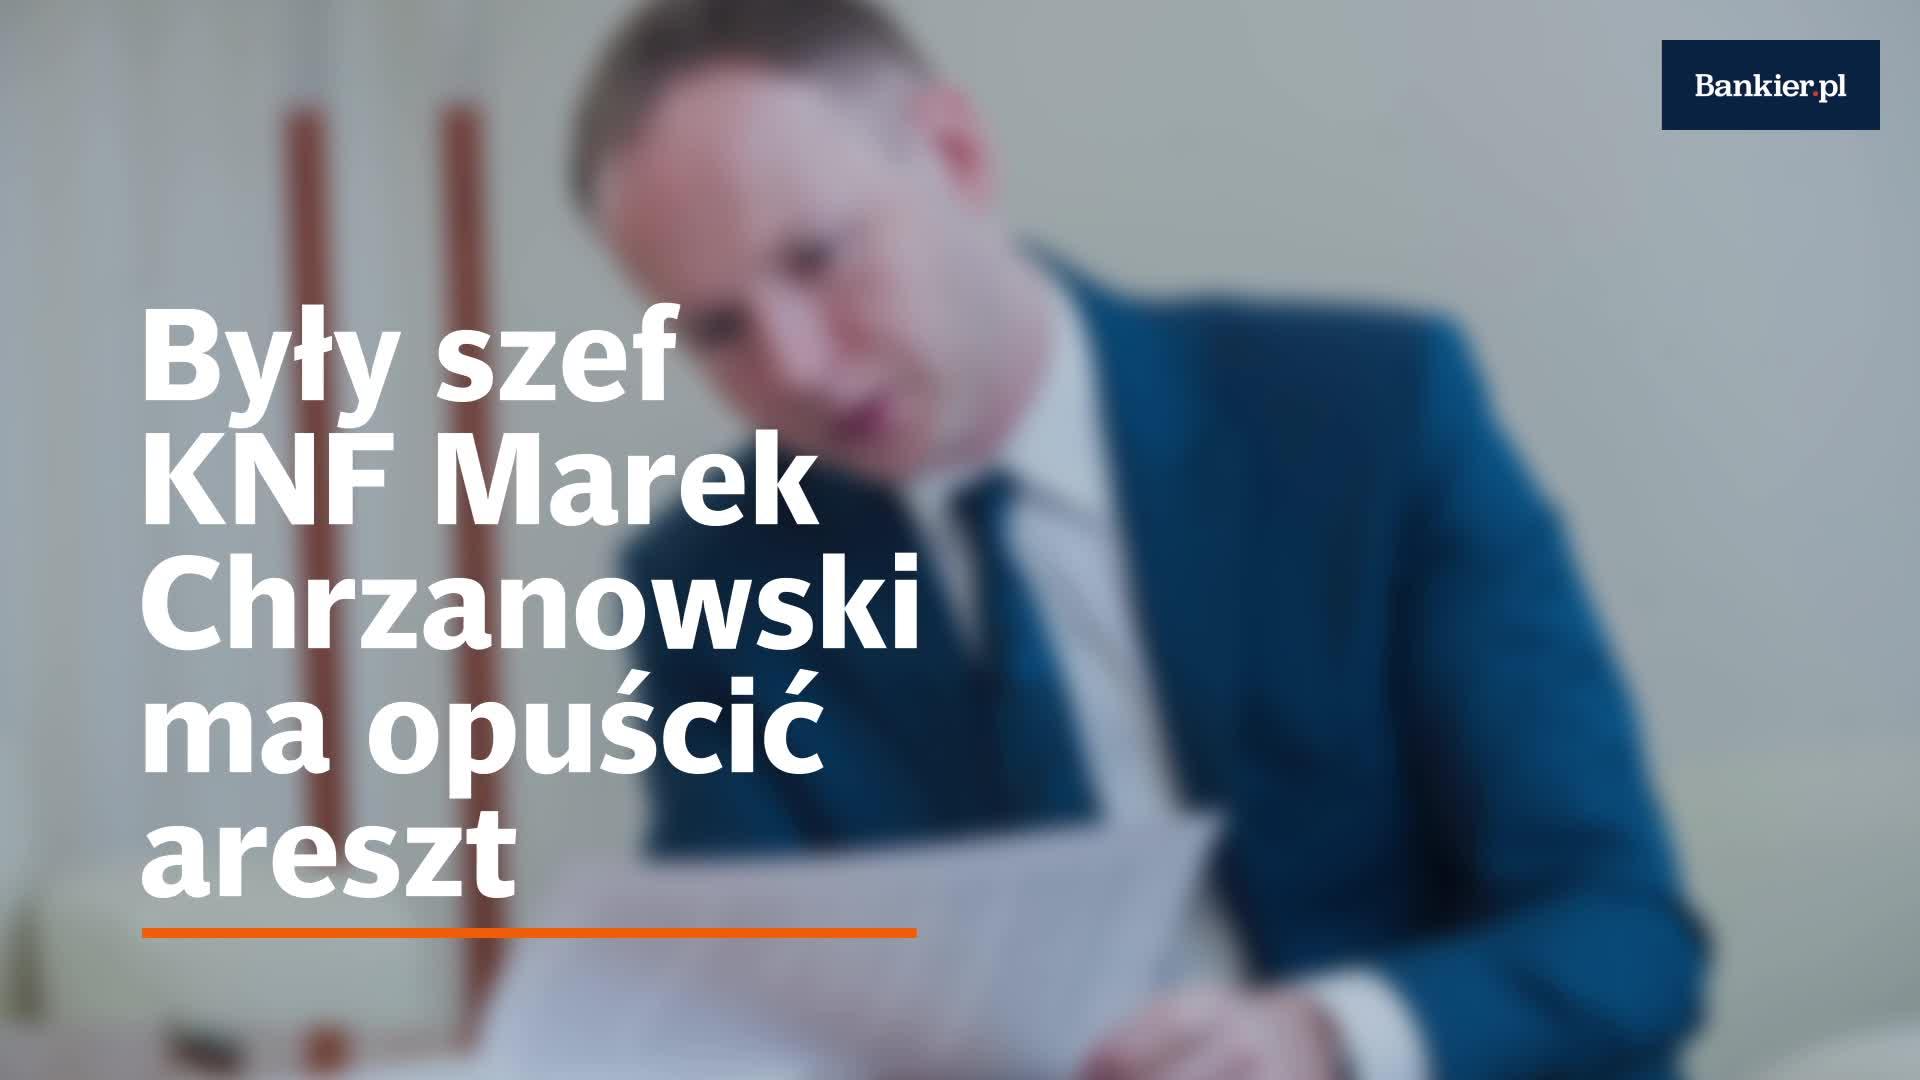 Były szef KNF Marek Chrzanowski ma opuścić areszt